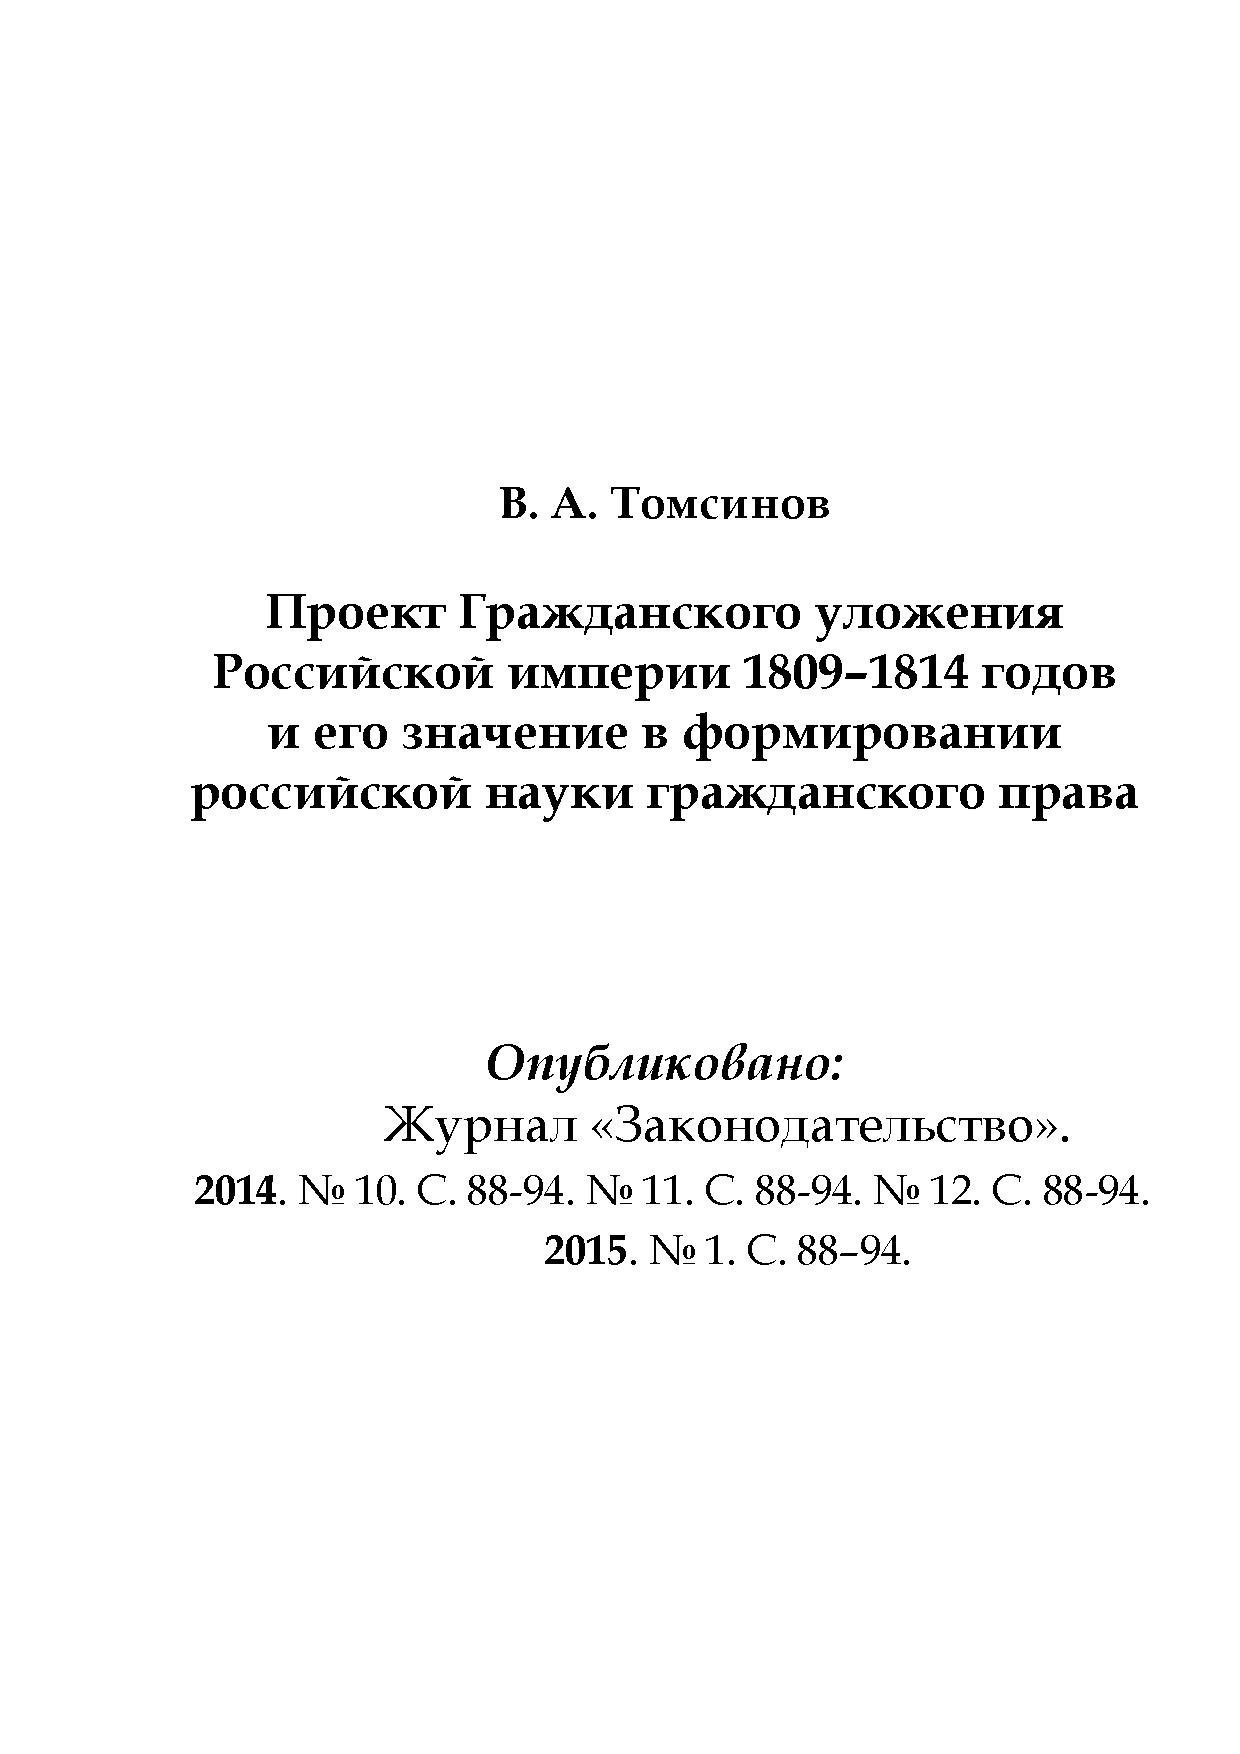 Томсинов В.А. Проект Гражданского уложения 1809-1814 гг.